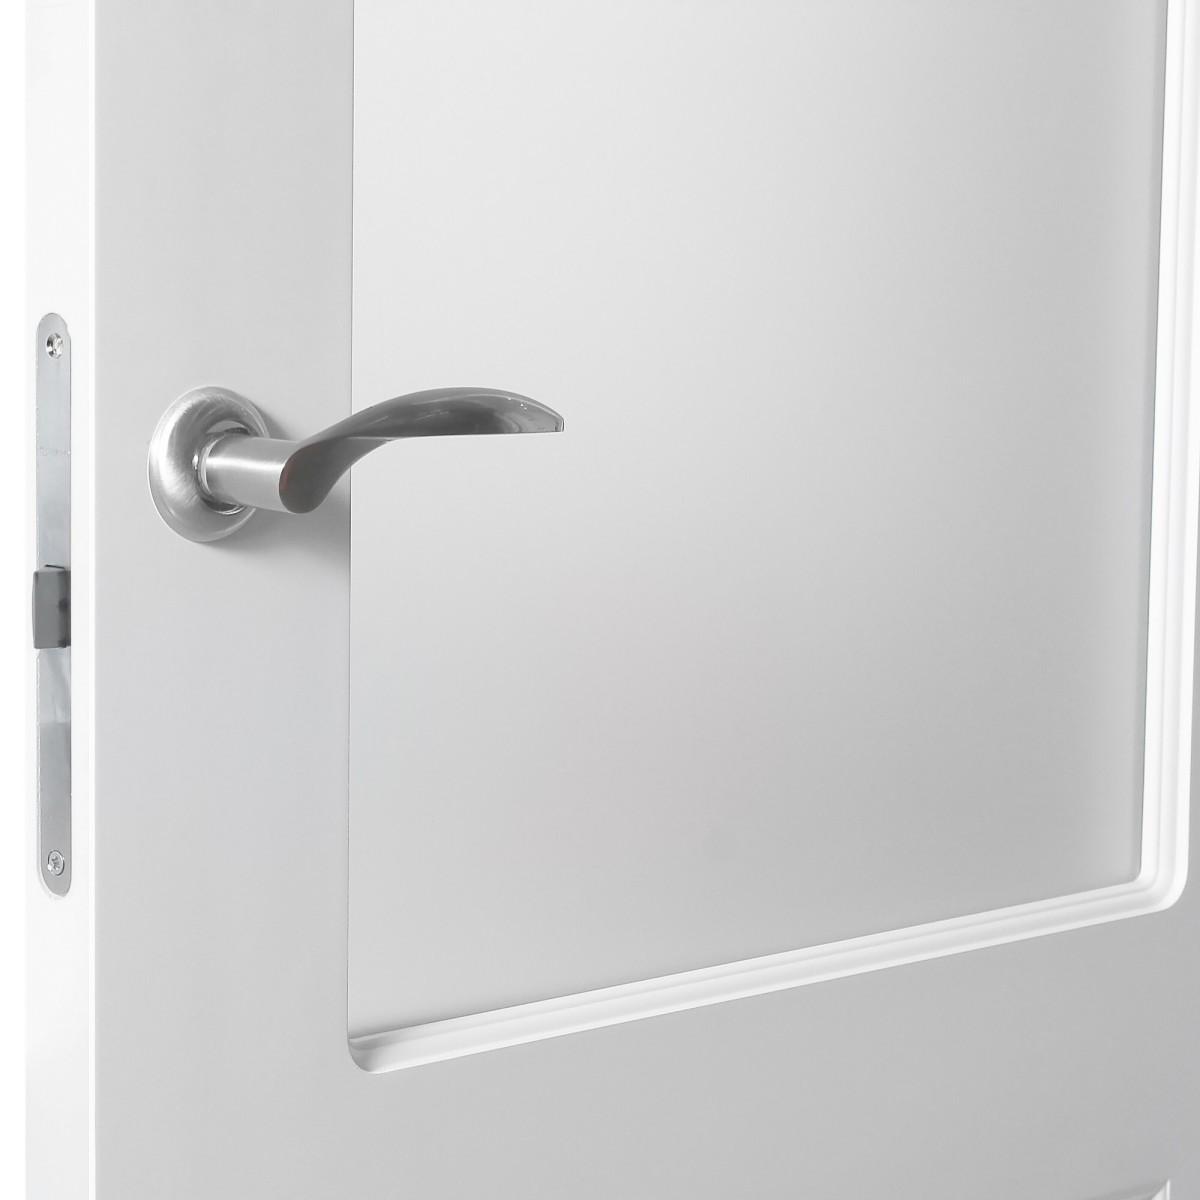 Дверь Межкомнатная Остеклённая Австралия 200x90 Эмаль Цвет Белый С Фурнитурой